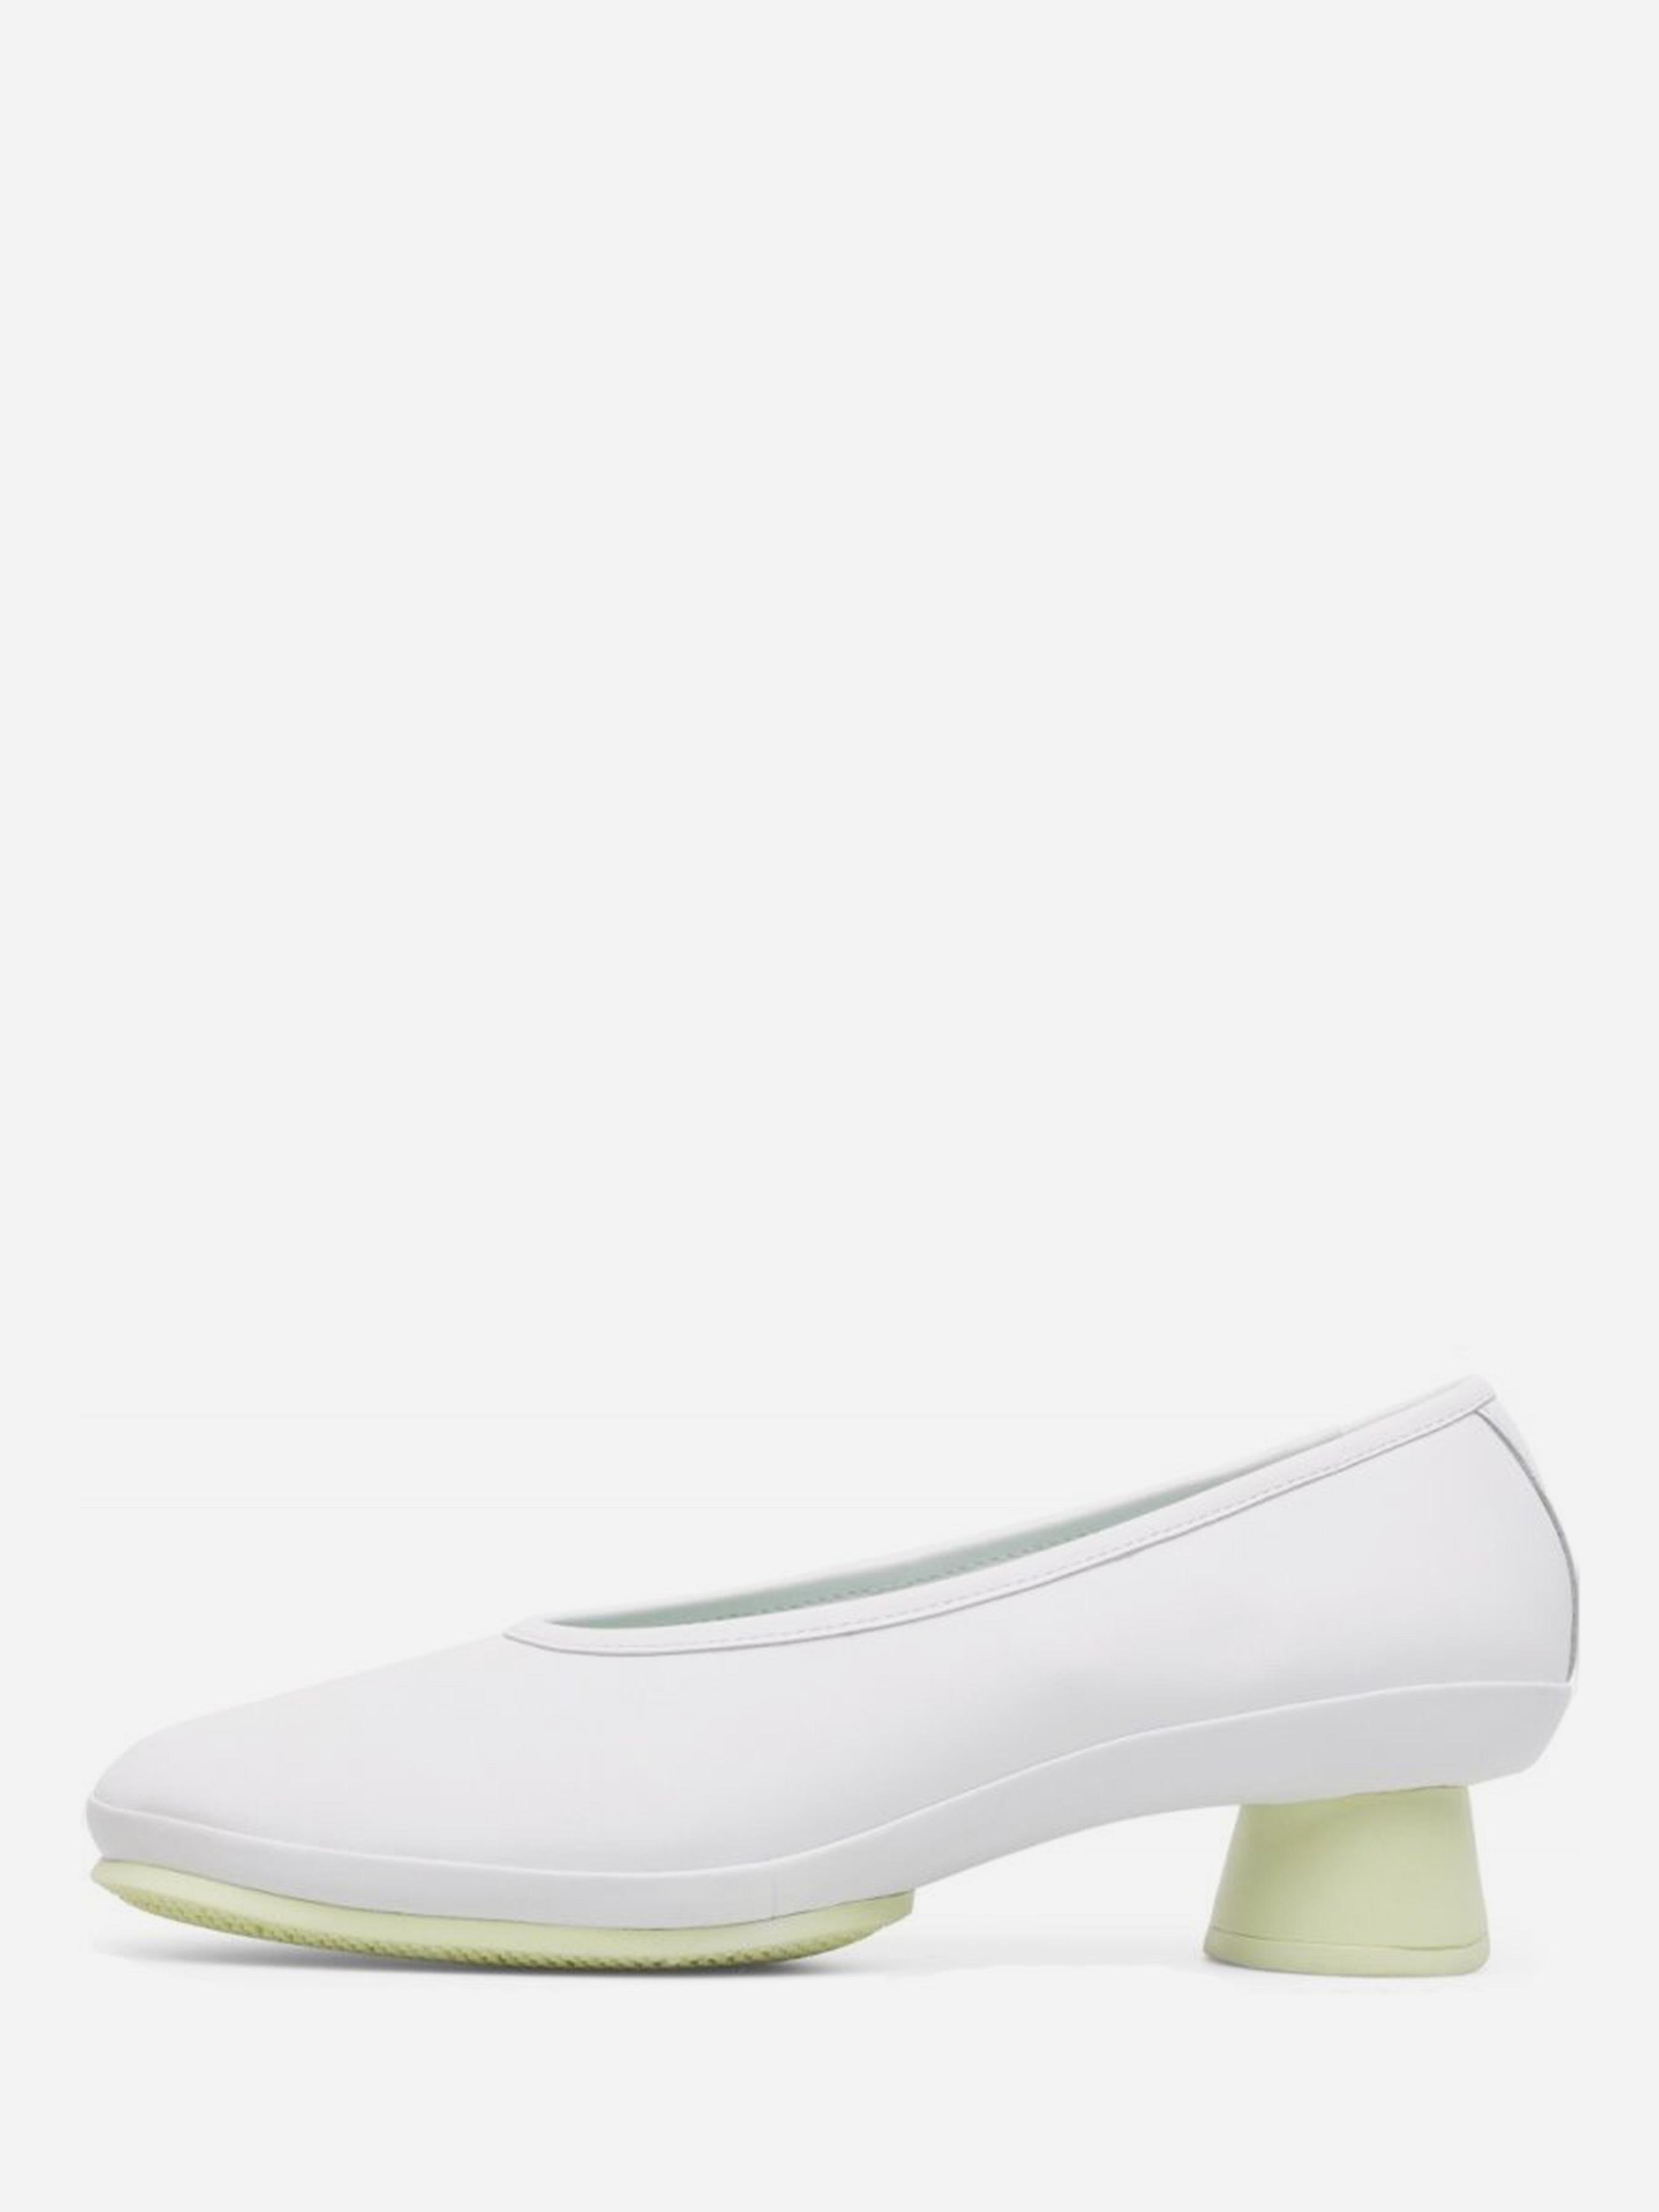 Туфли для женщин Camper Alright AW999 модная обувь, 2017